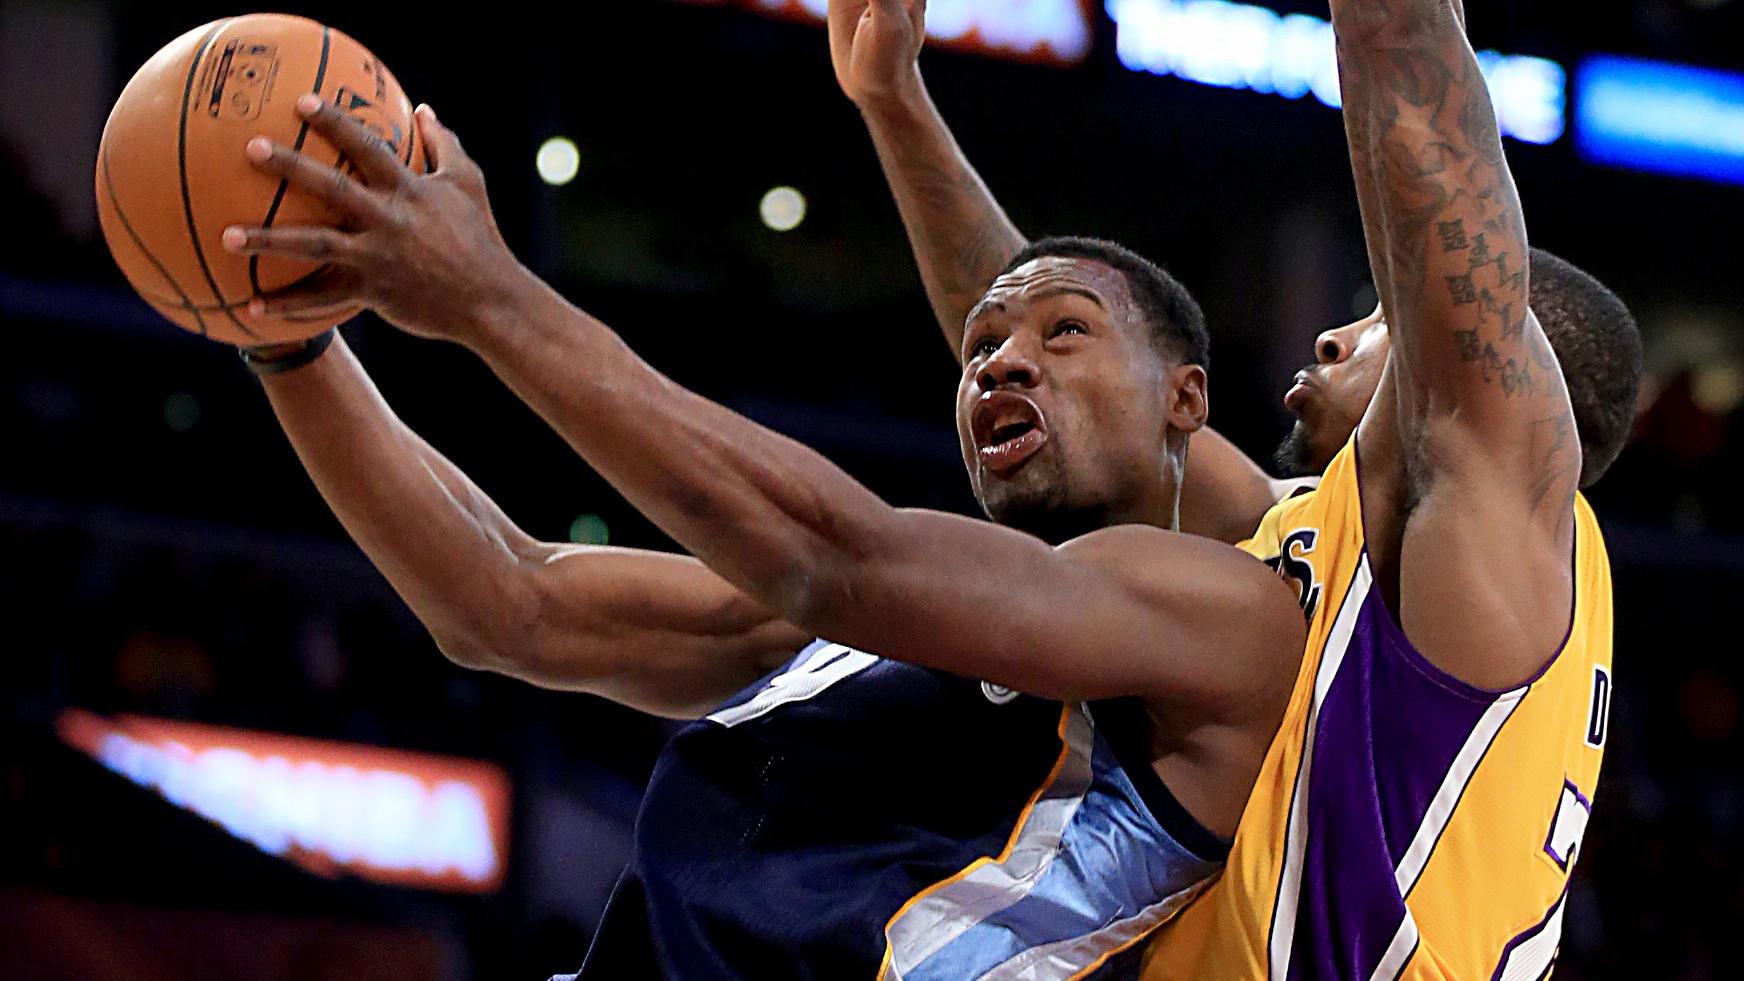 Lakers vs. Memphis Grizzlies: quarter-by-quarter updates